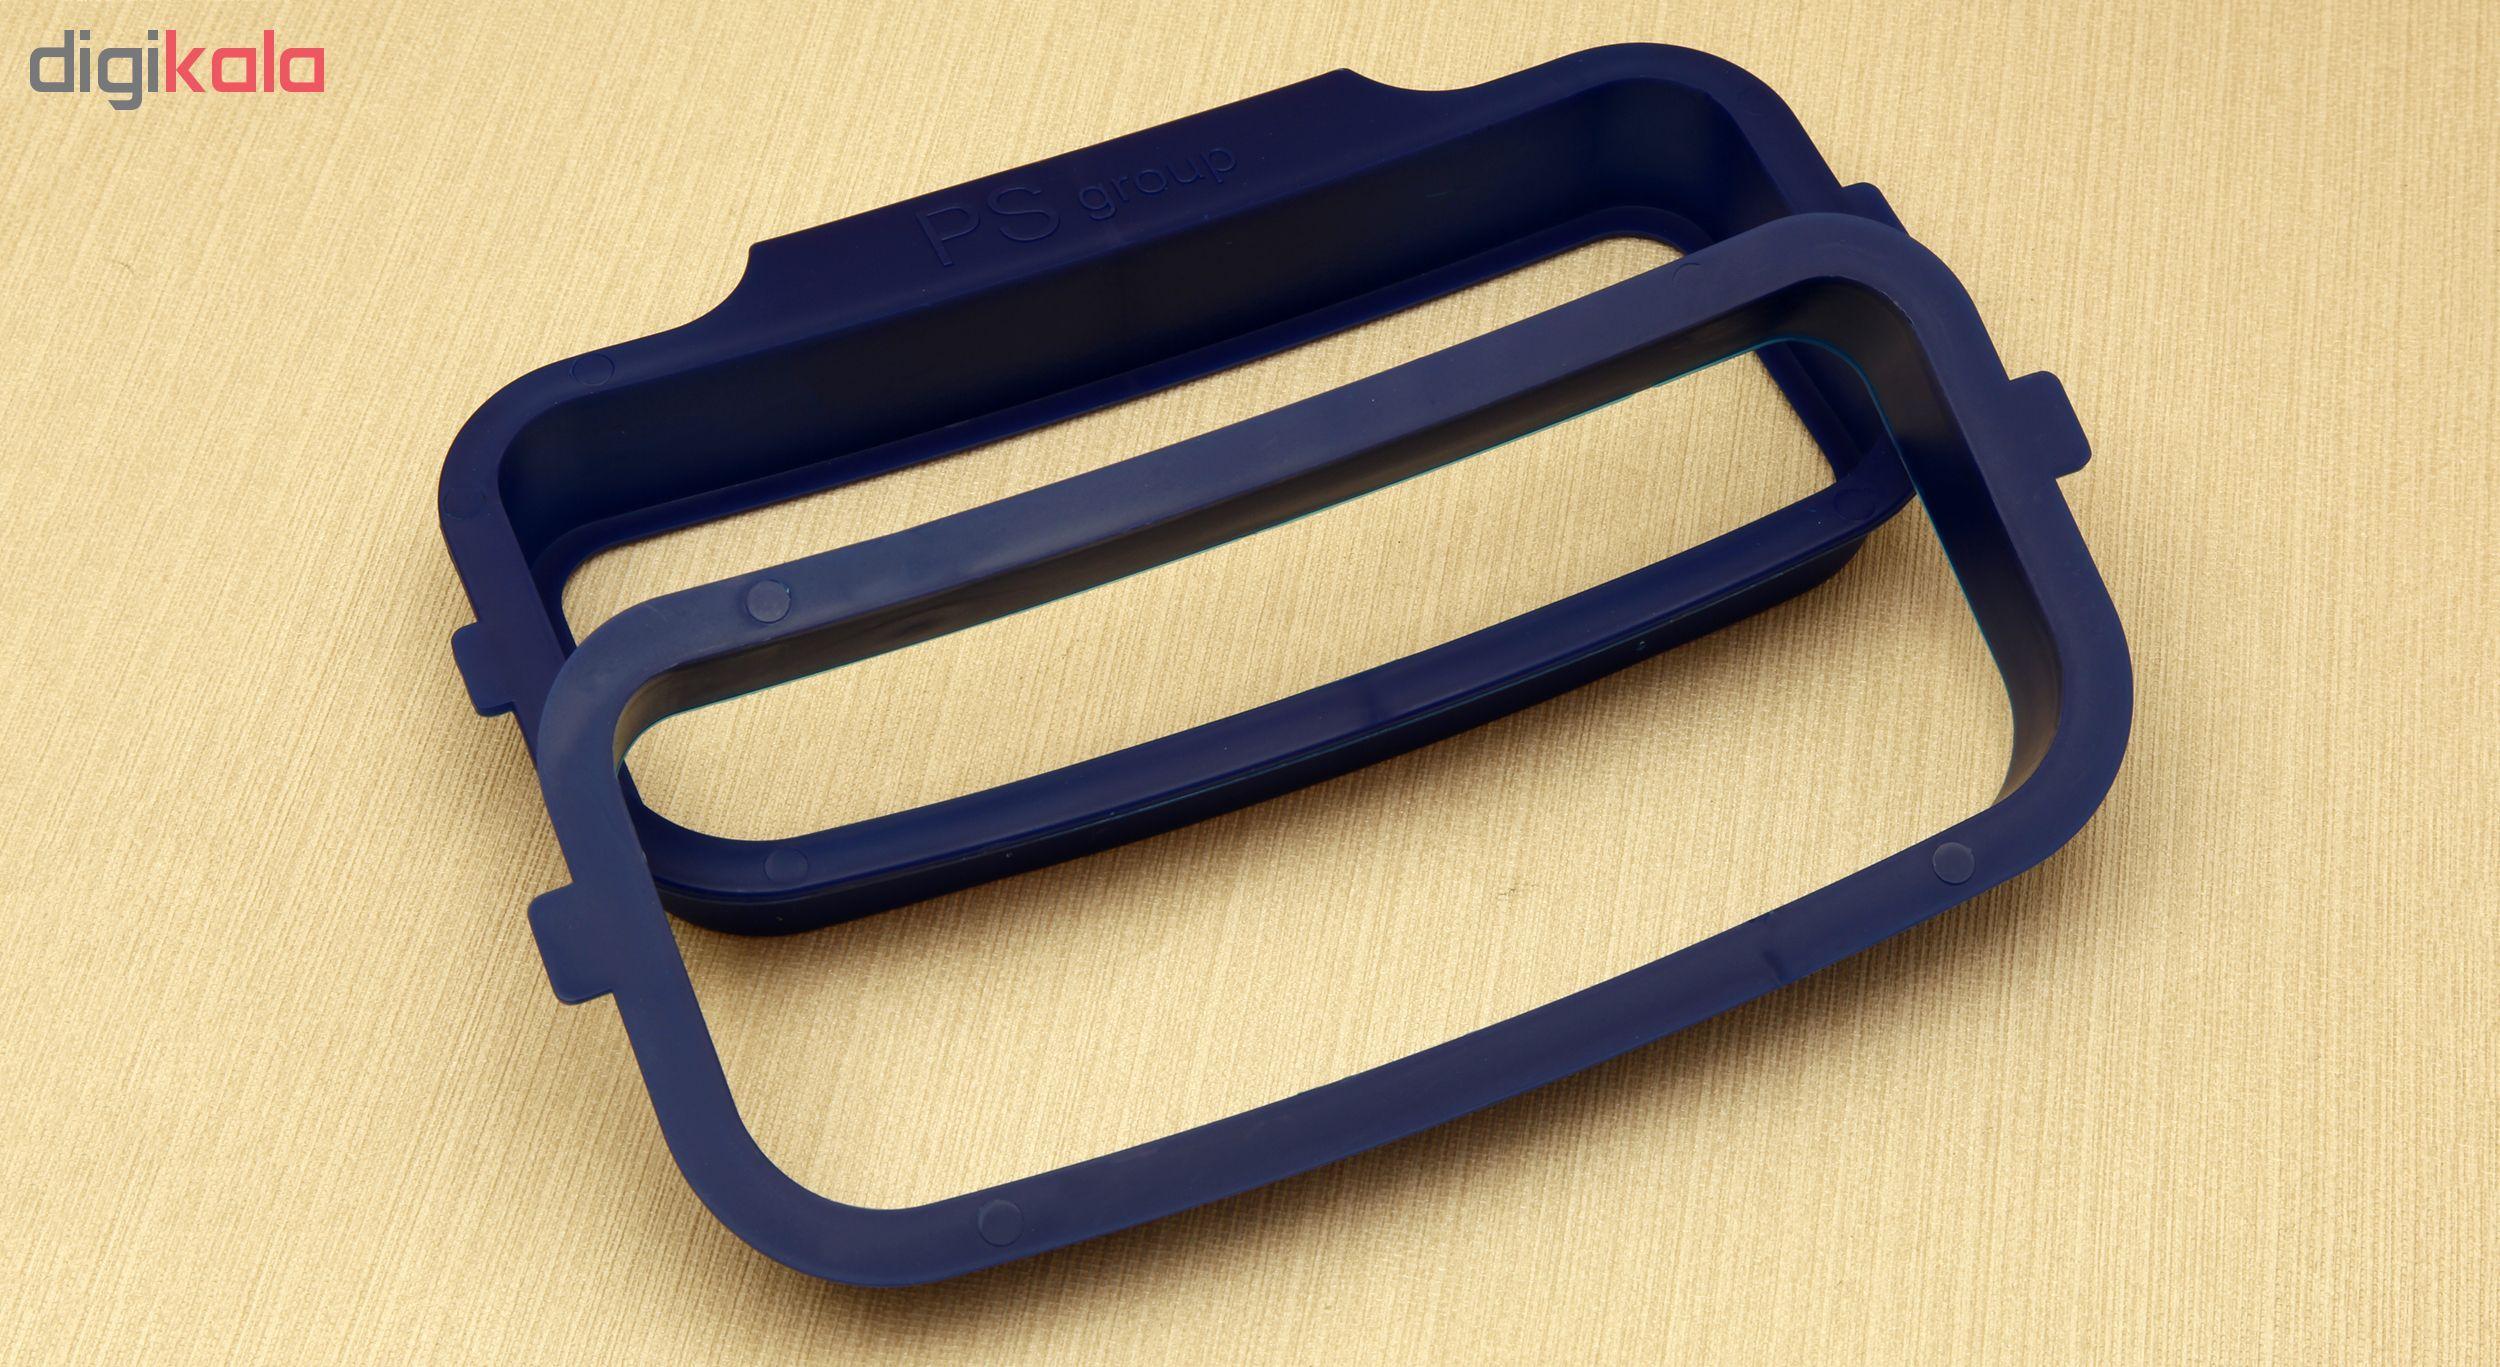 آویز کیسه زباله کابینتی مدل Garbin01 main 1 5